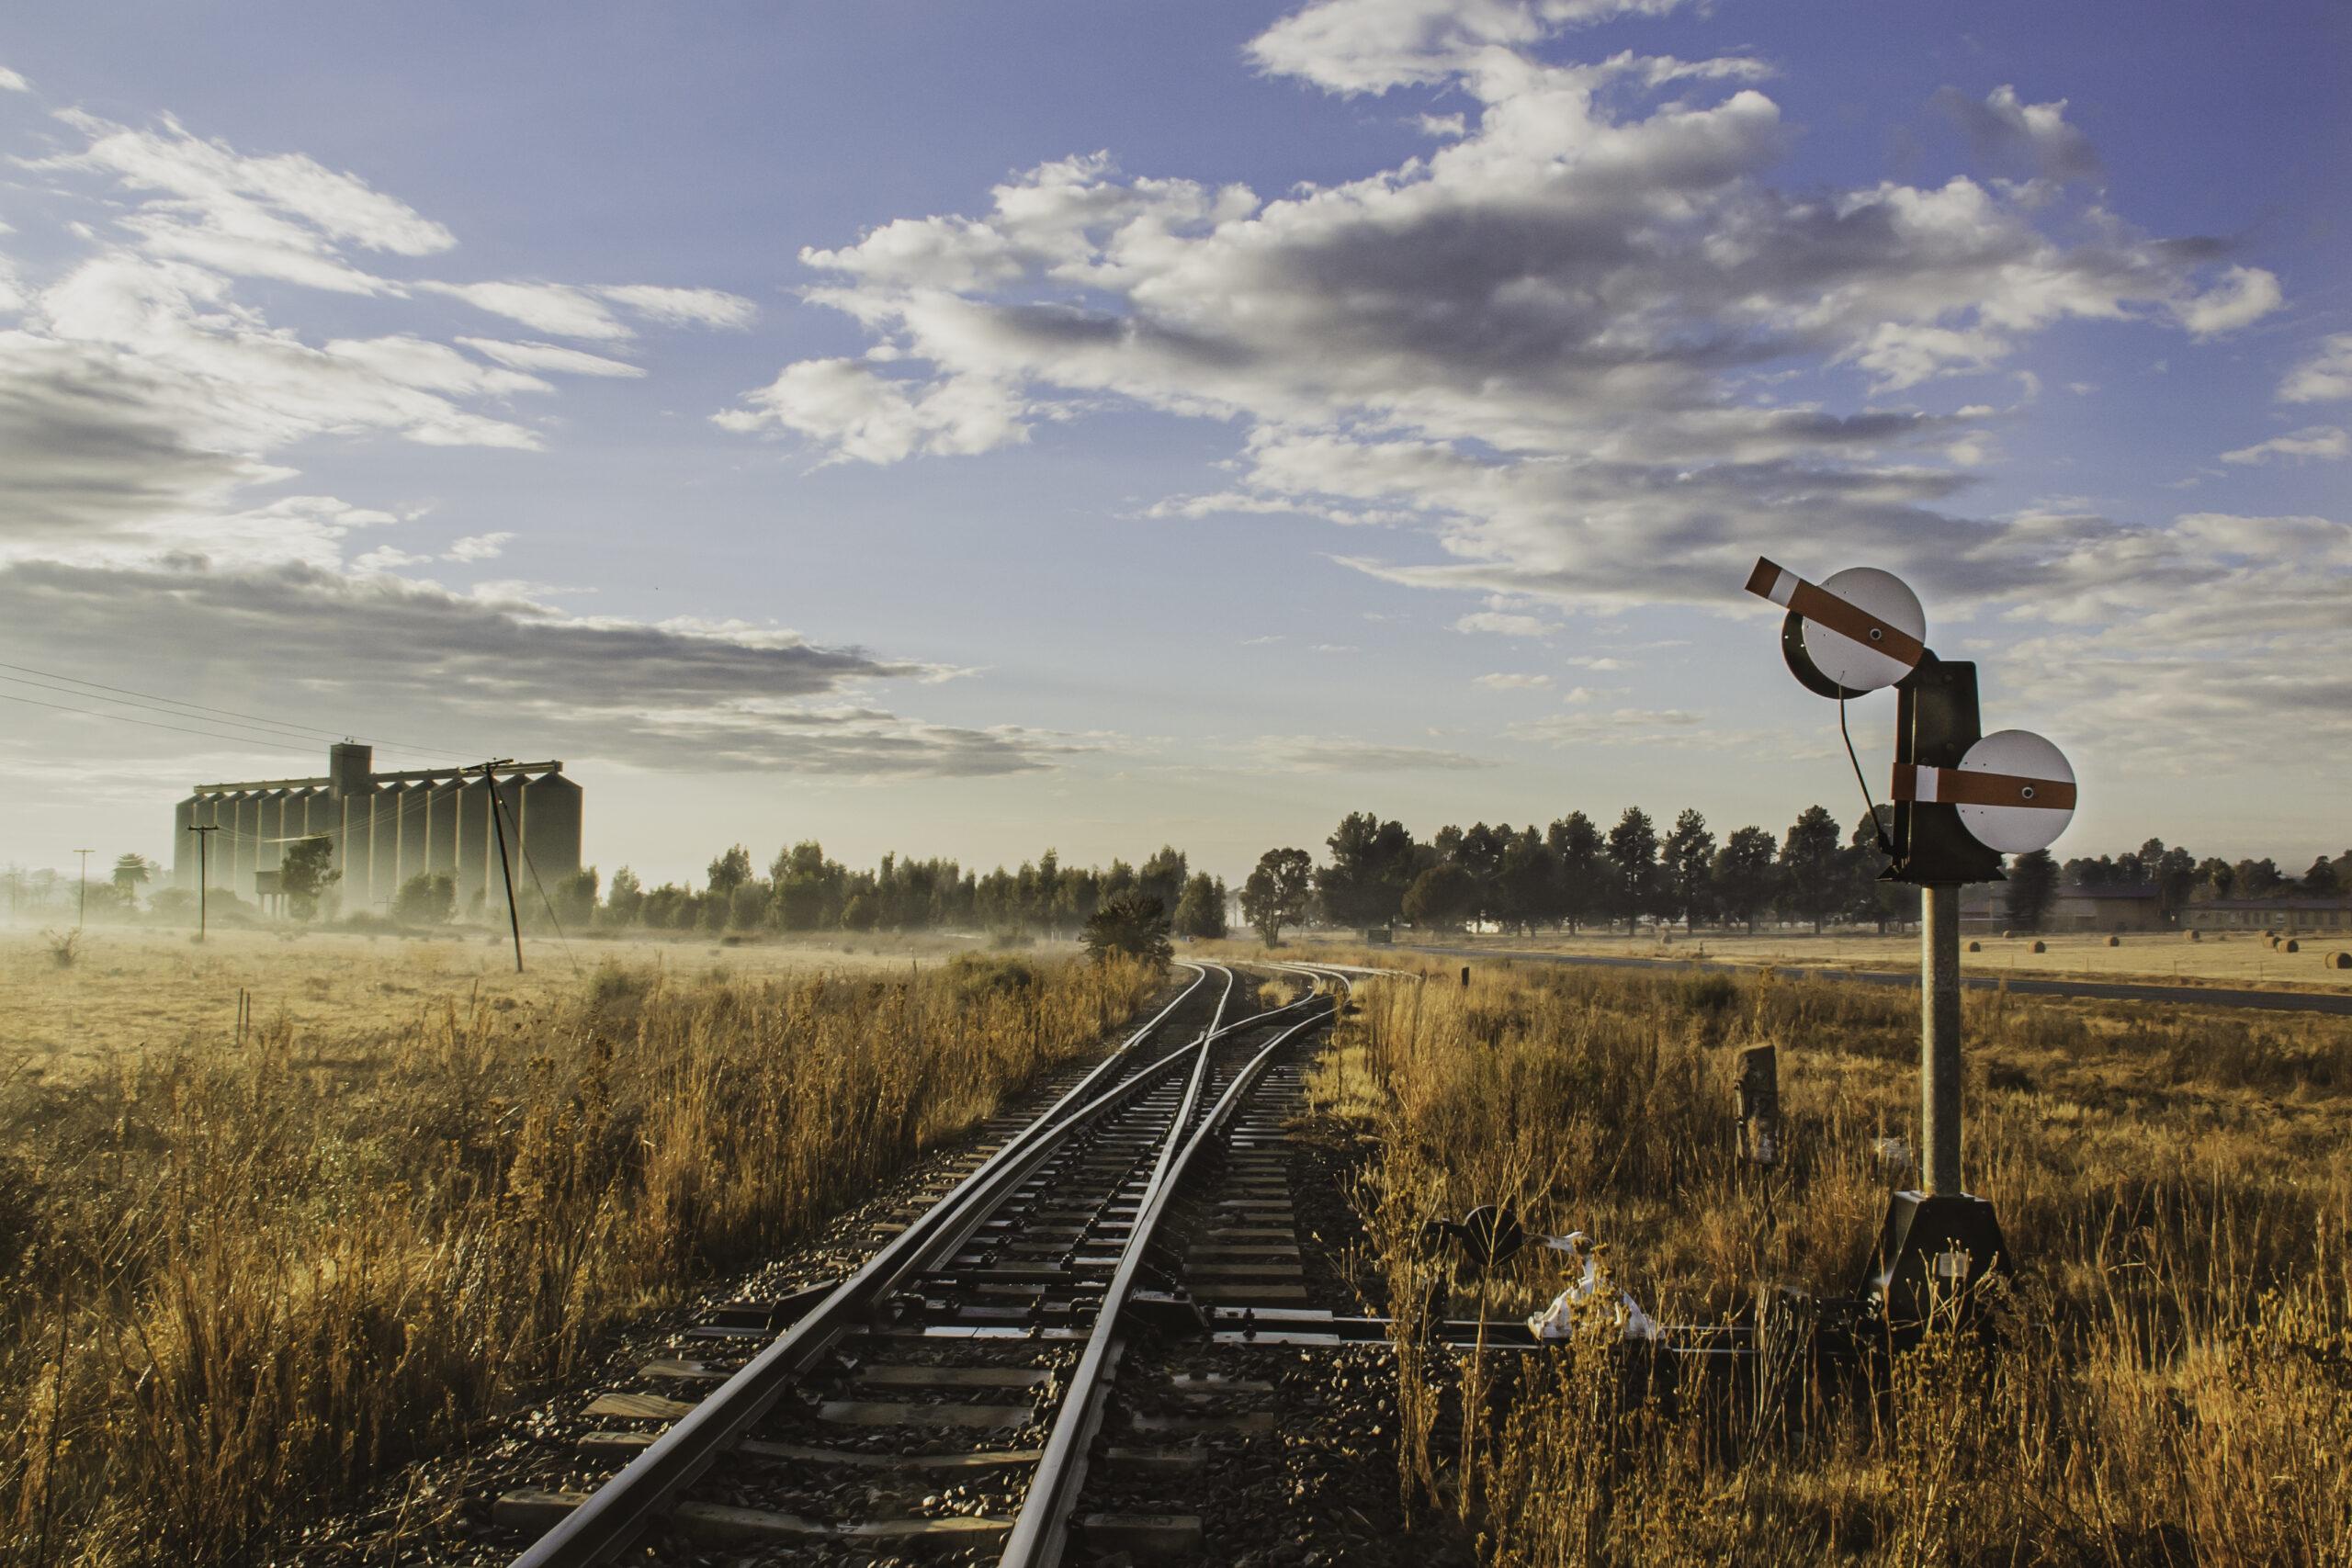 Rails and grain storage